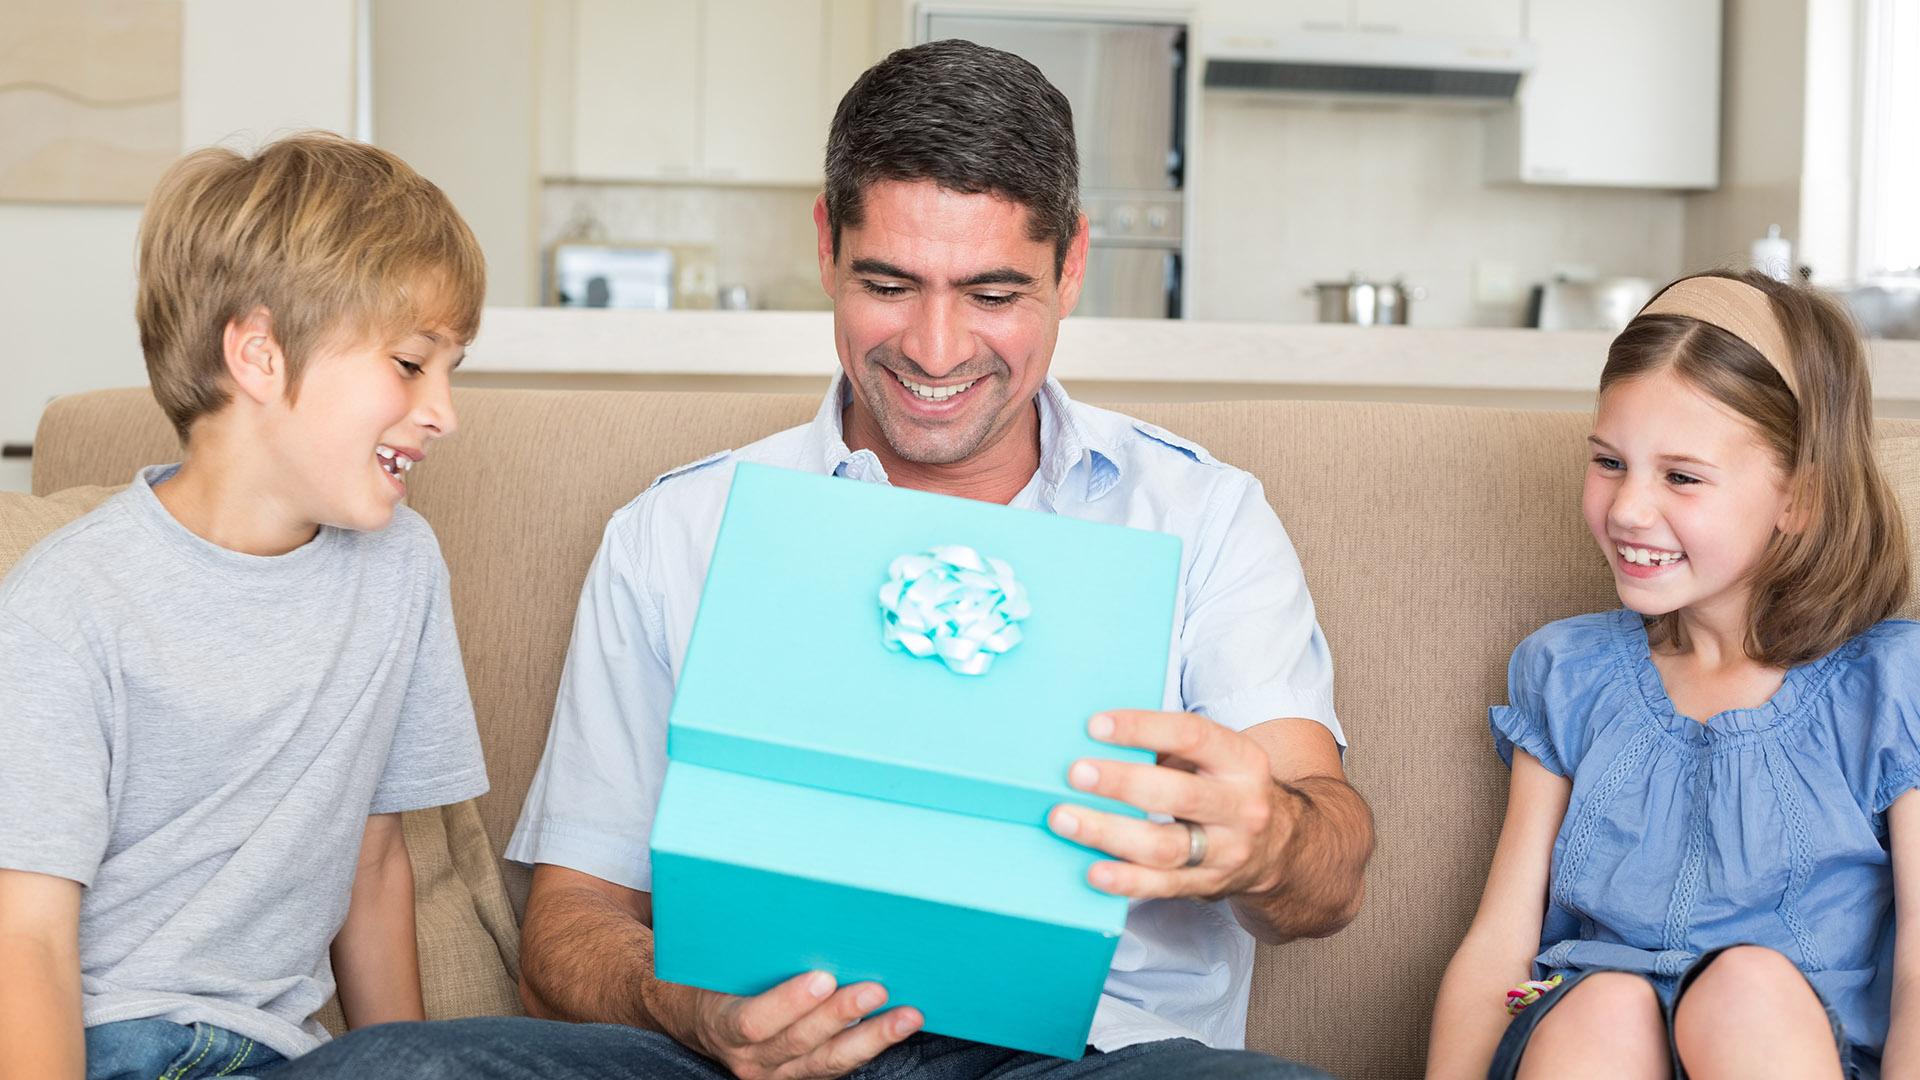 Voici des idées de cadeaux pour la fête des pères